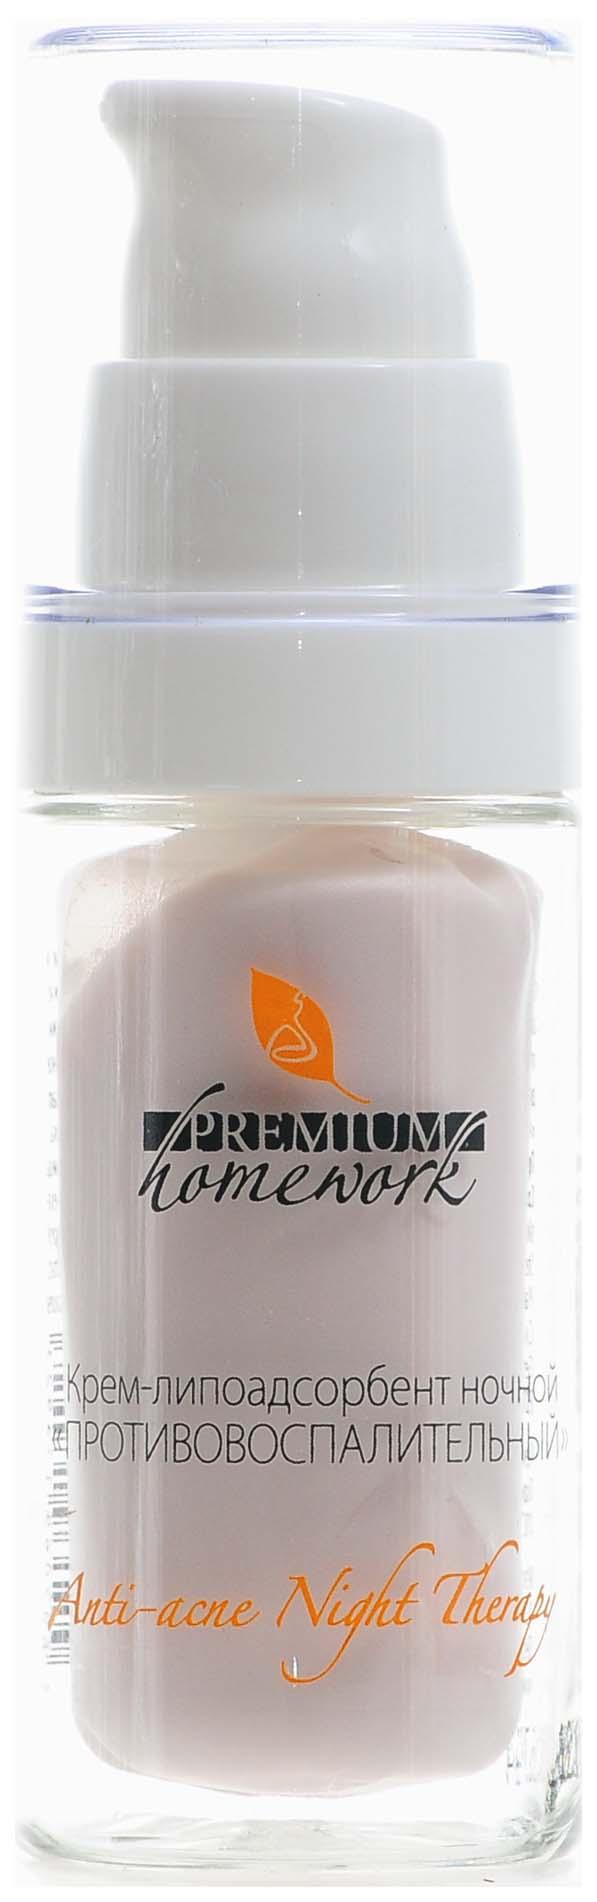 Крем для лица Premium Премиум липоадсорбент ночной Противовоспалительный, 30 мл Home Work